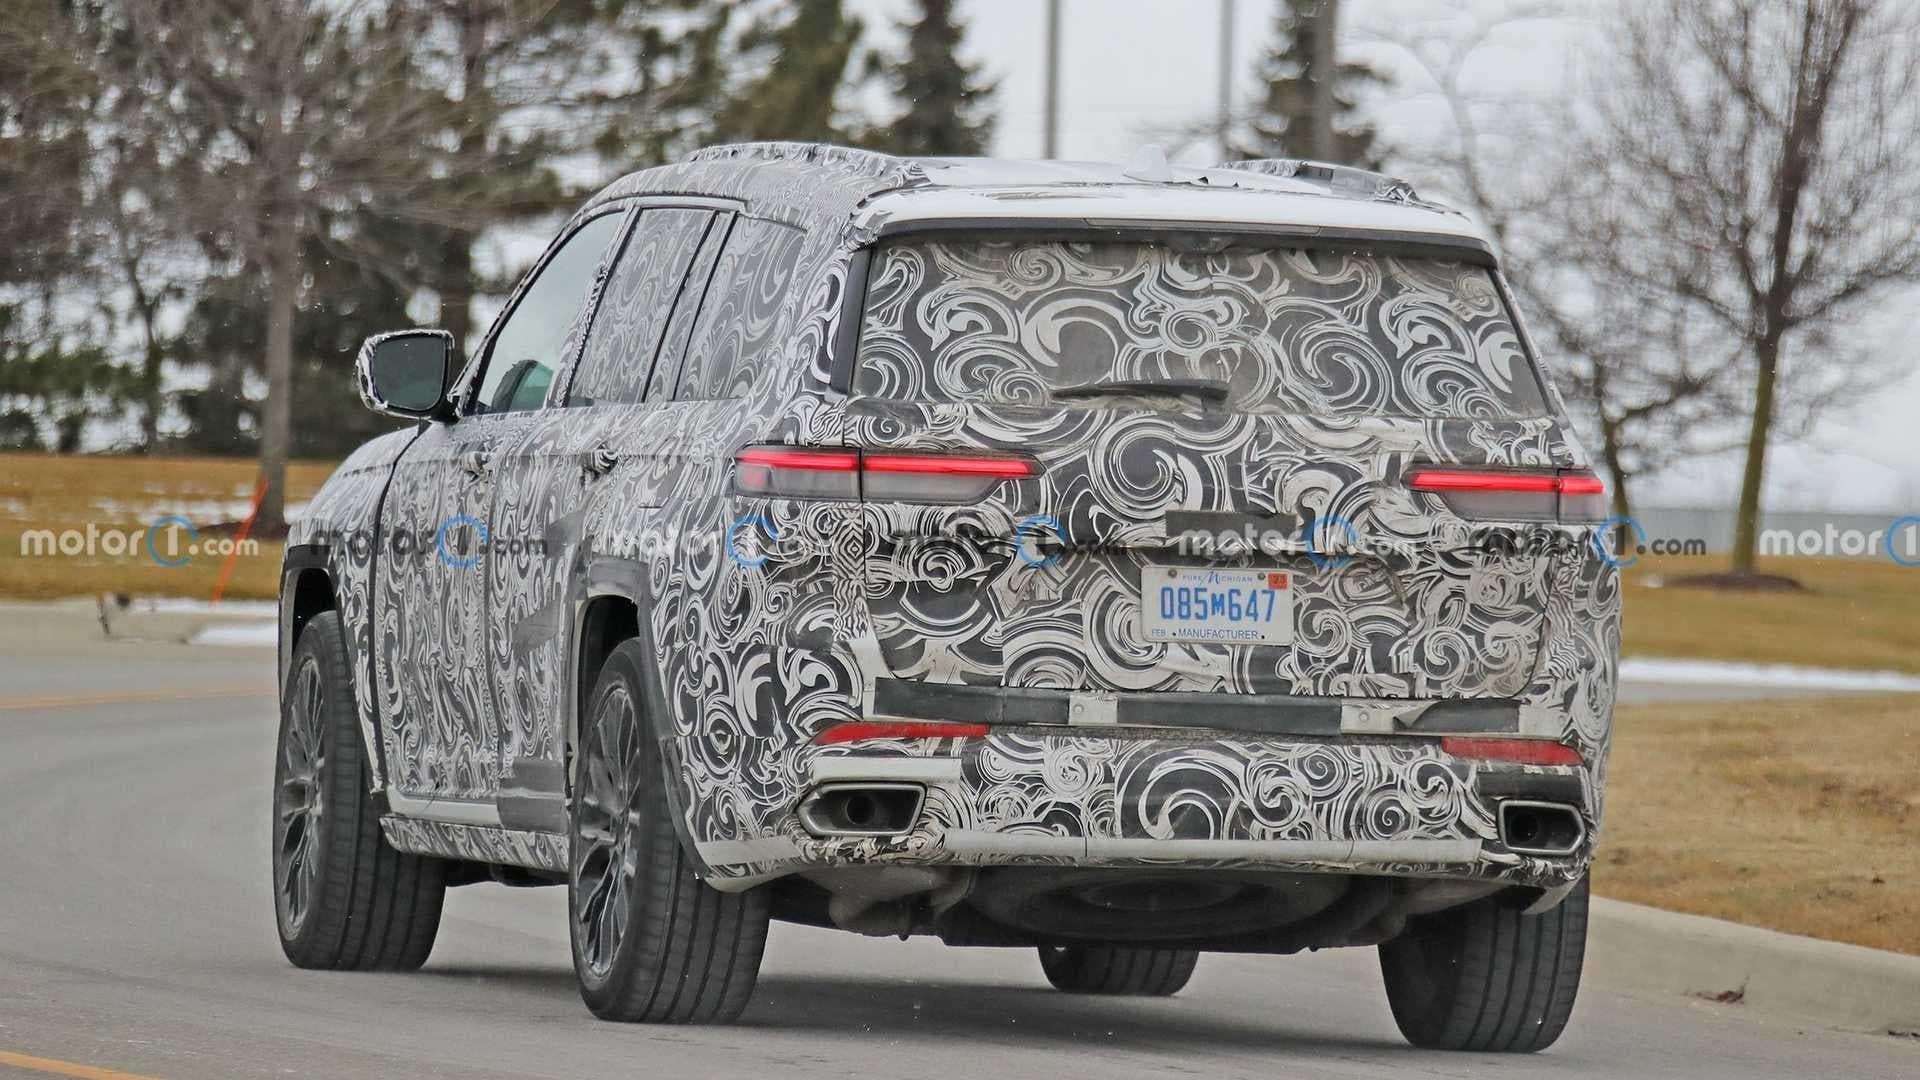 Jeep Grand Cherokee 2022 meno camuffamento